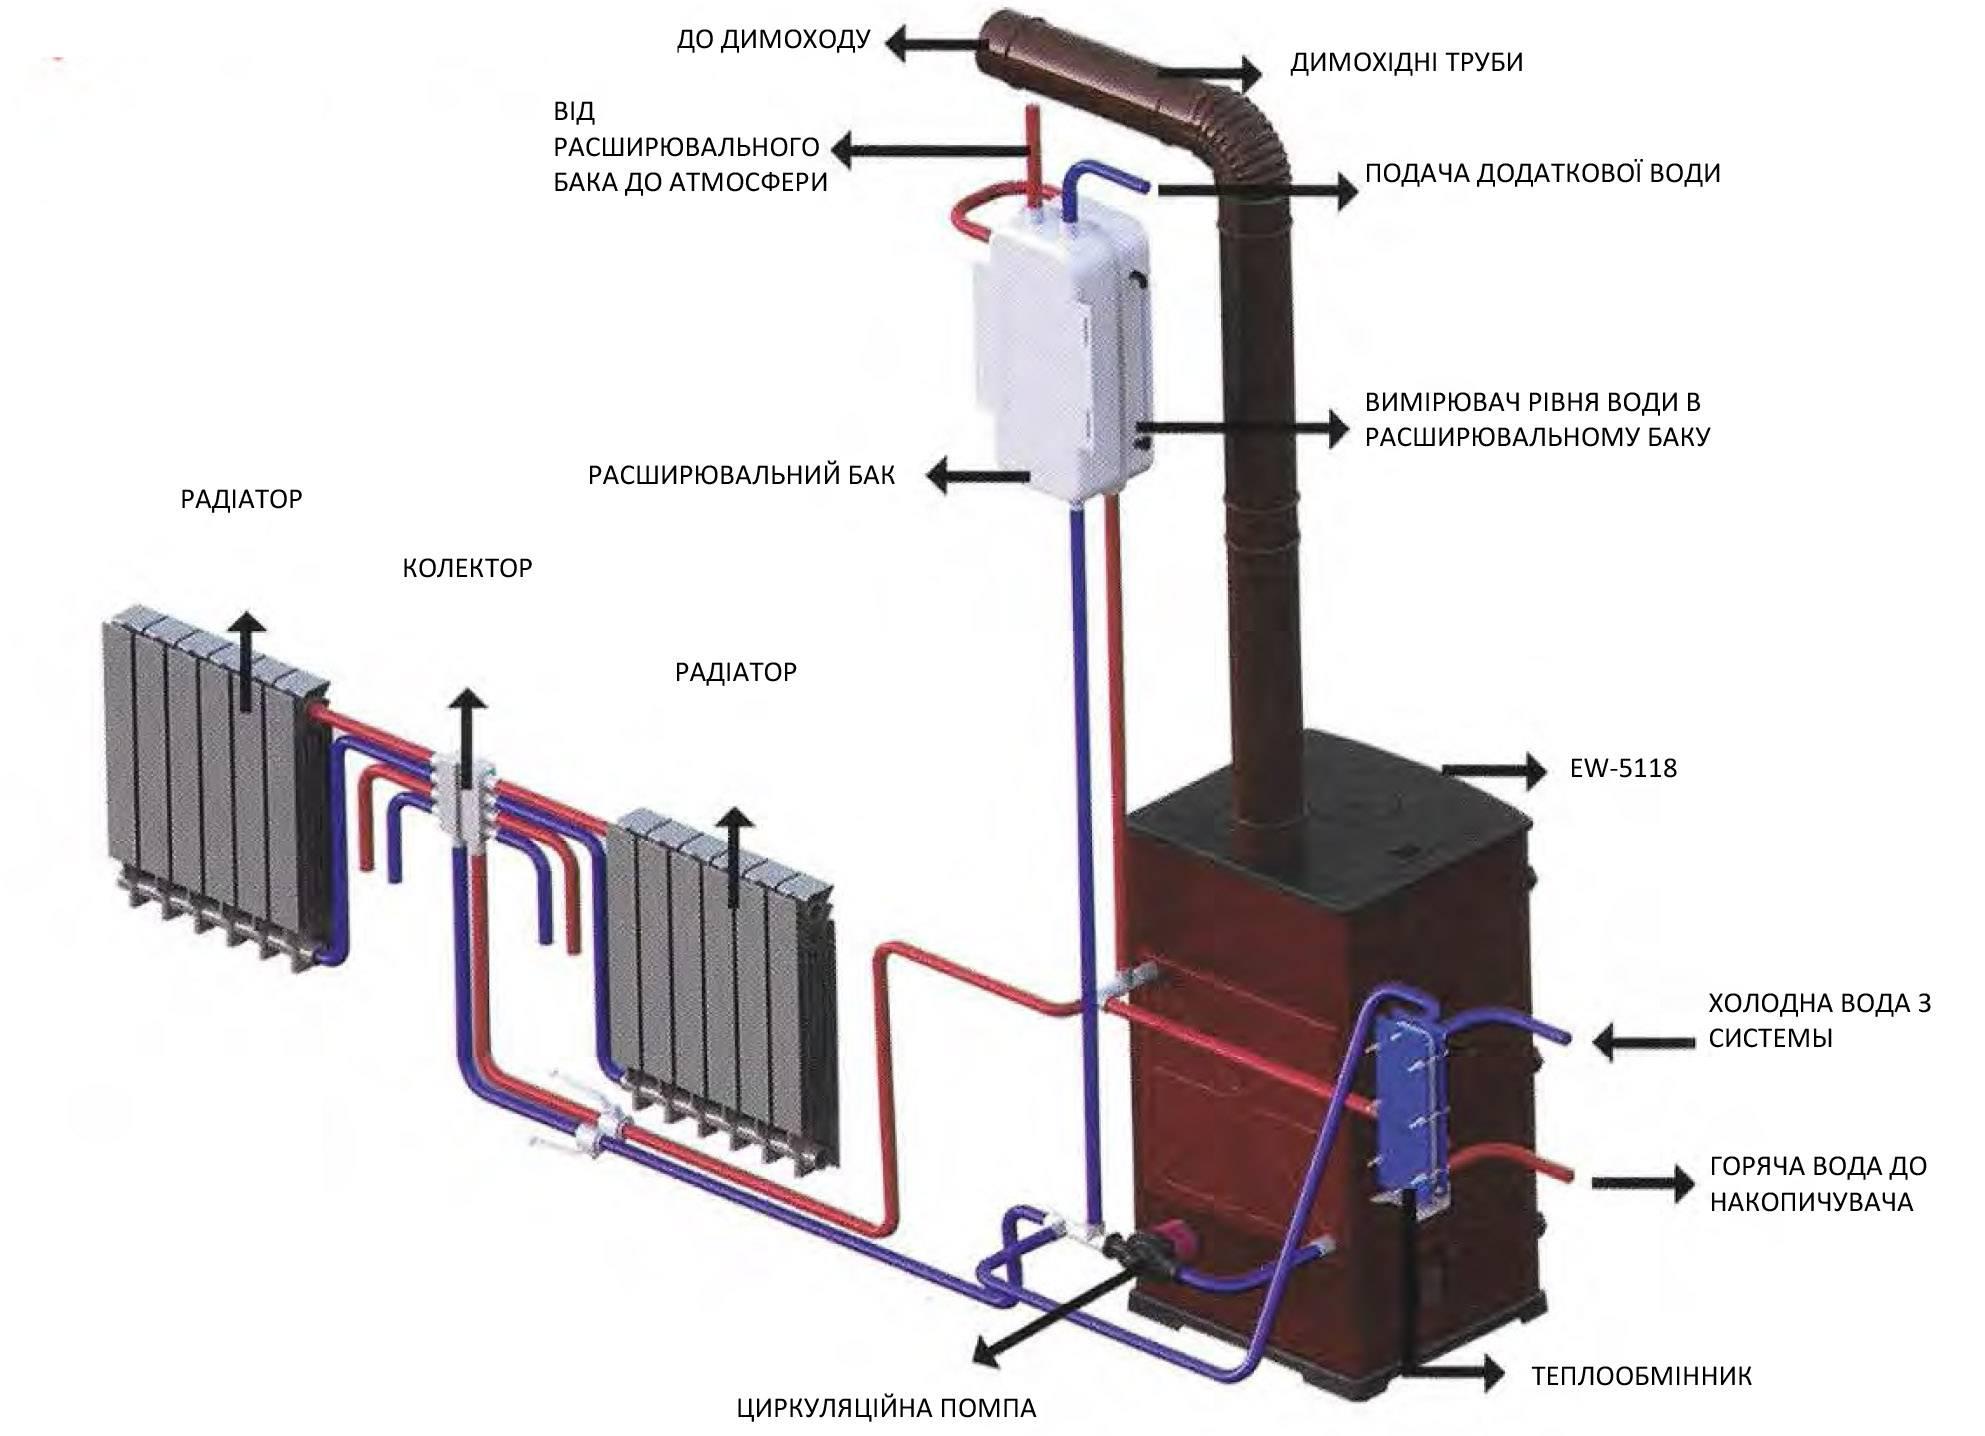 Печи длительного горения с водяным контуром: конструкция, принцип действия, преимущества и недостатки, отзывы о популярных моделях